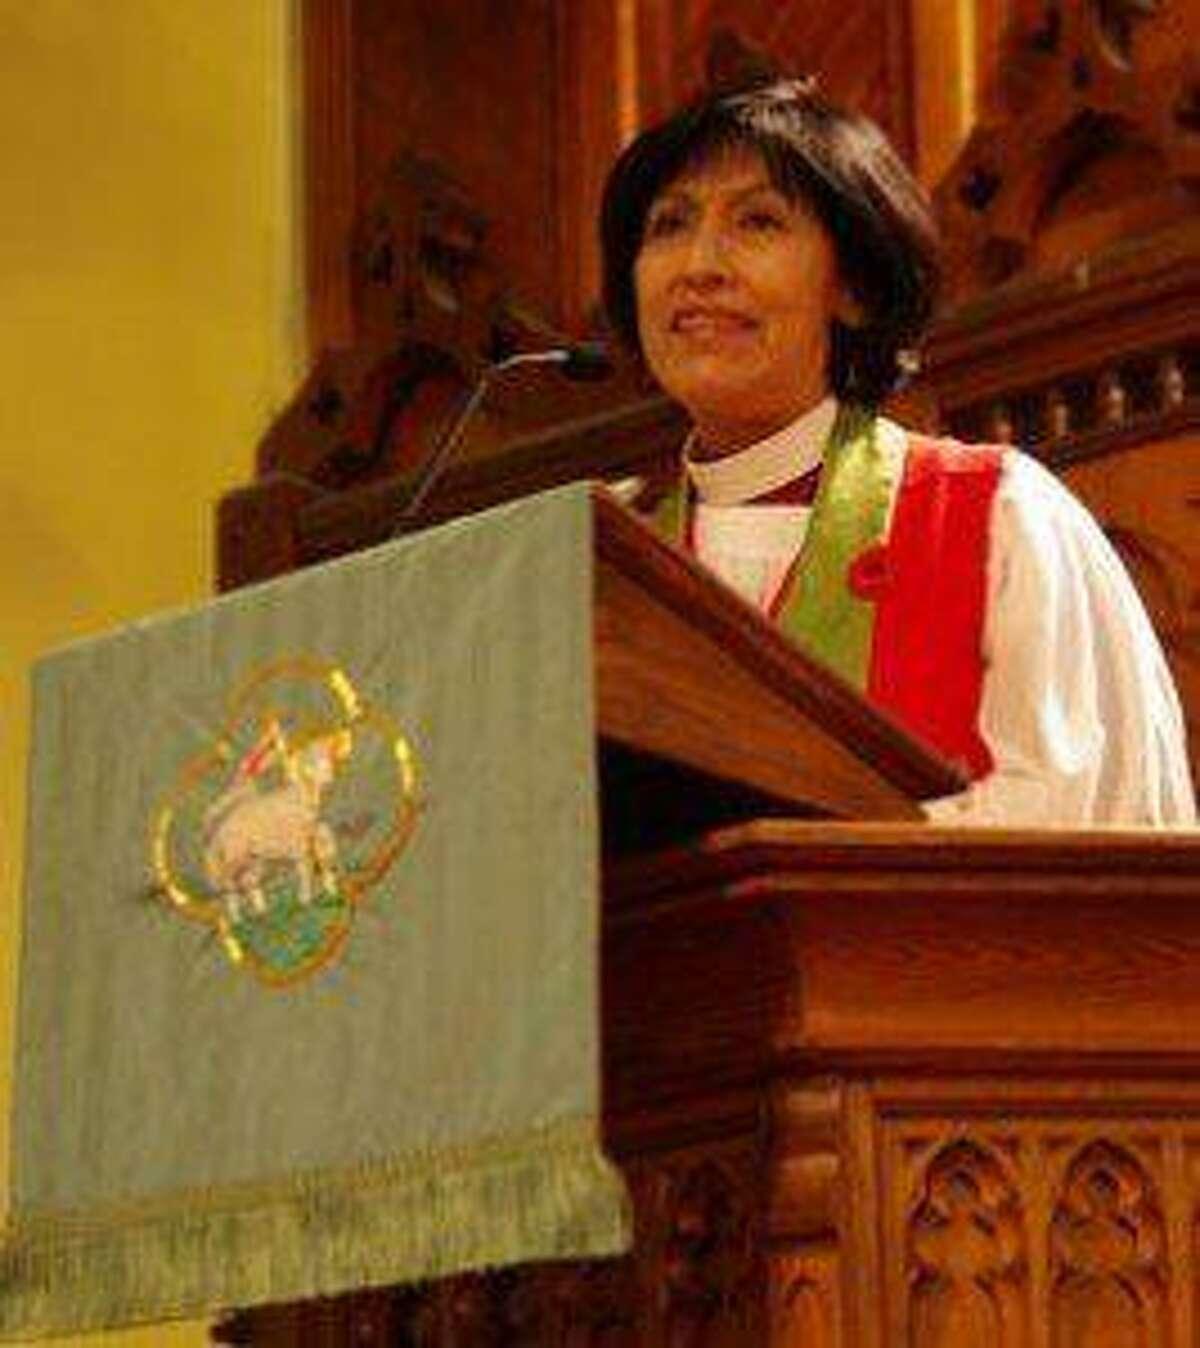 Rt. Rev. Griselda Delgado del Carpio